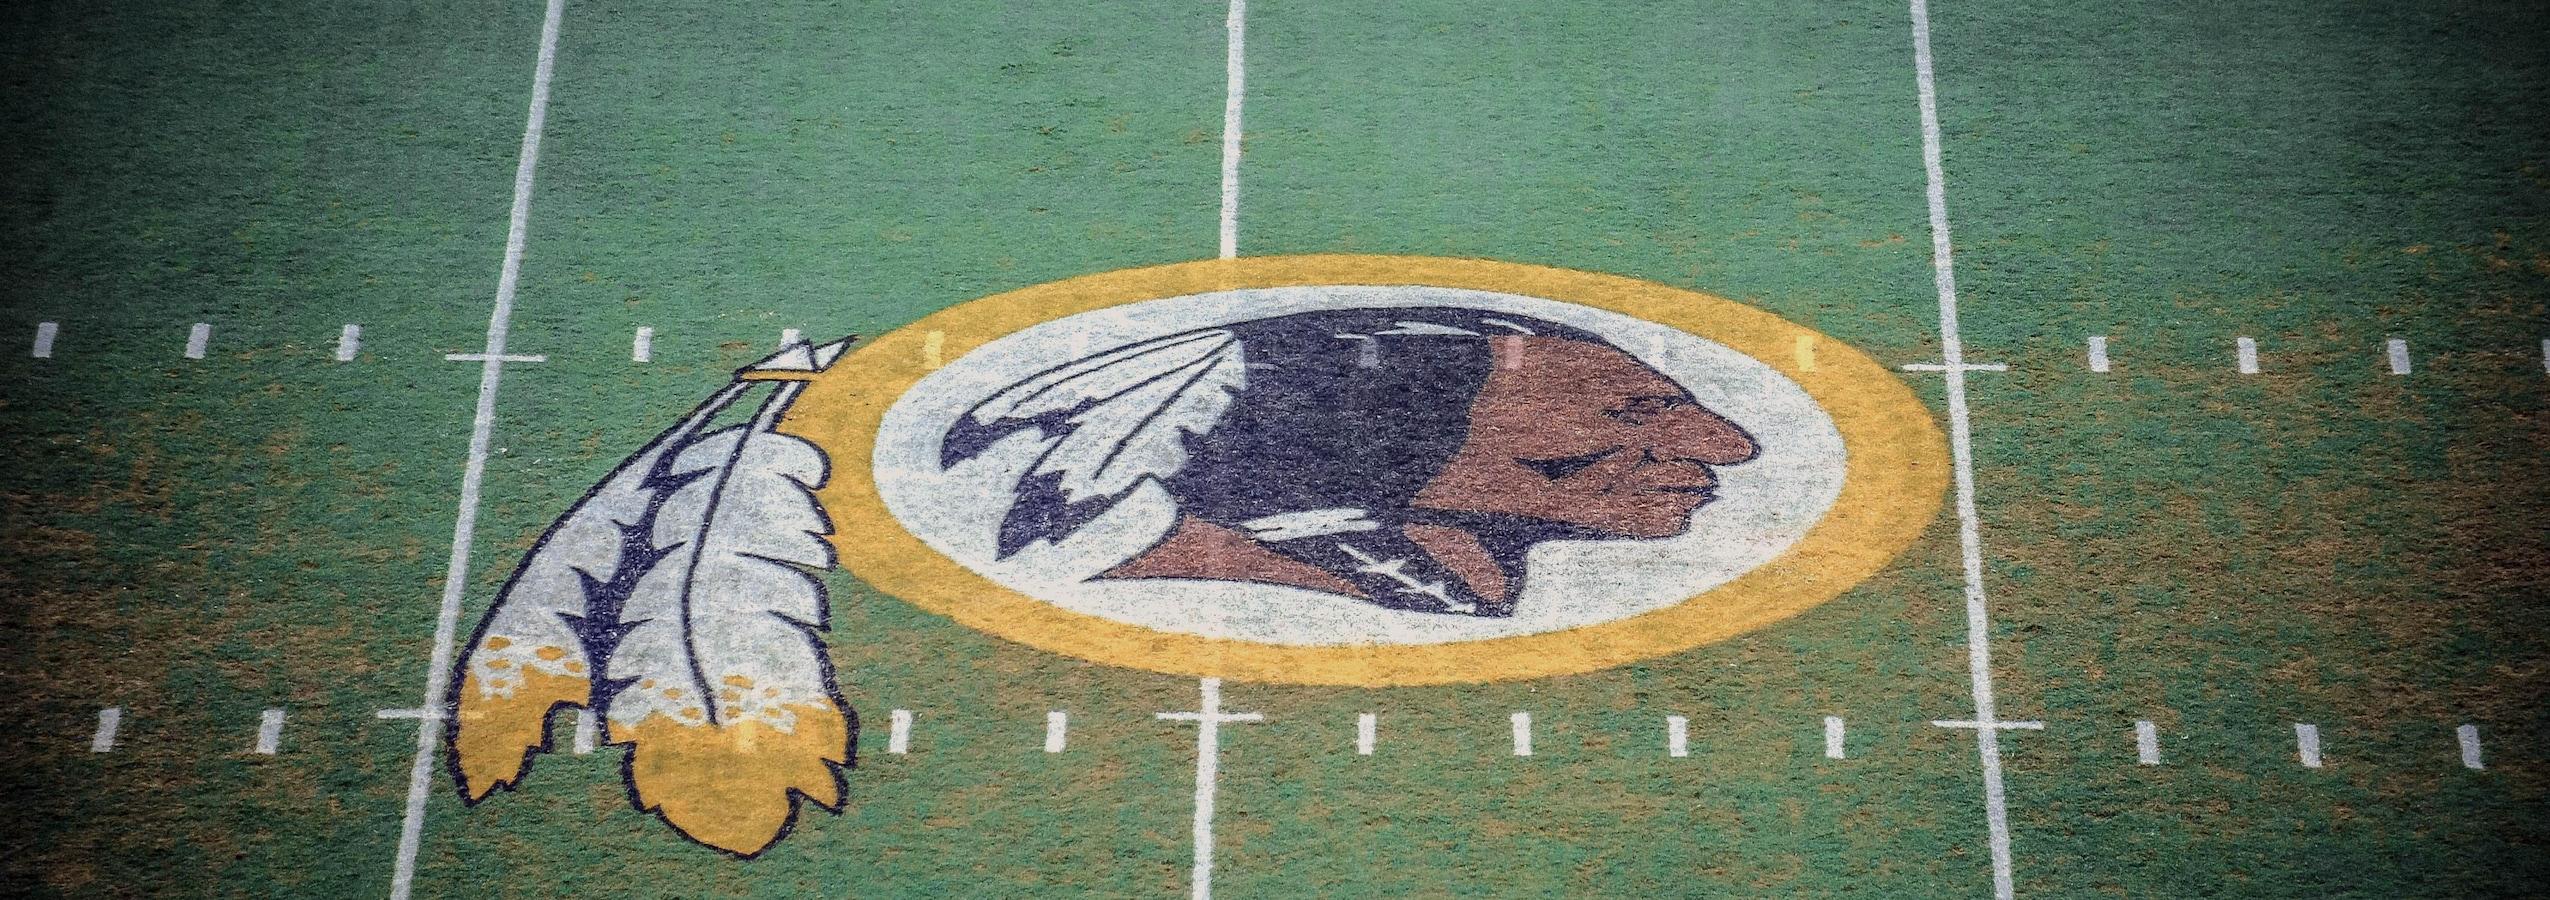 Le logo des Redskins de Washington apparaît au centre de leur terrain.